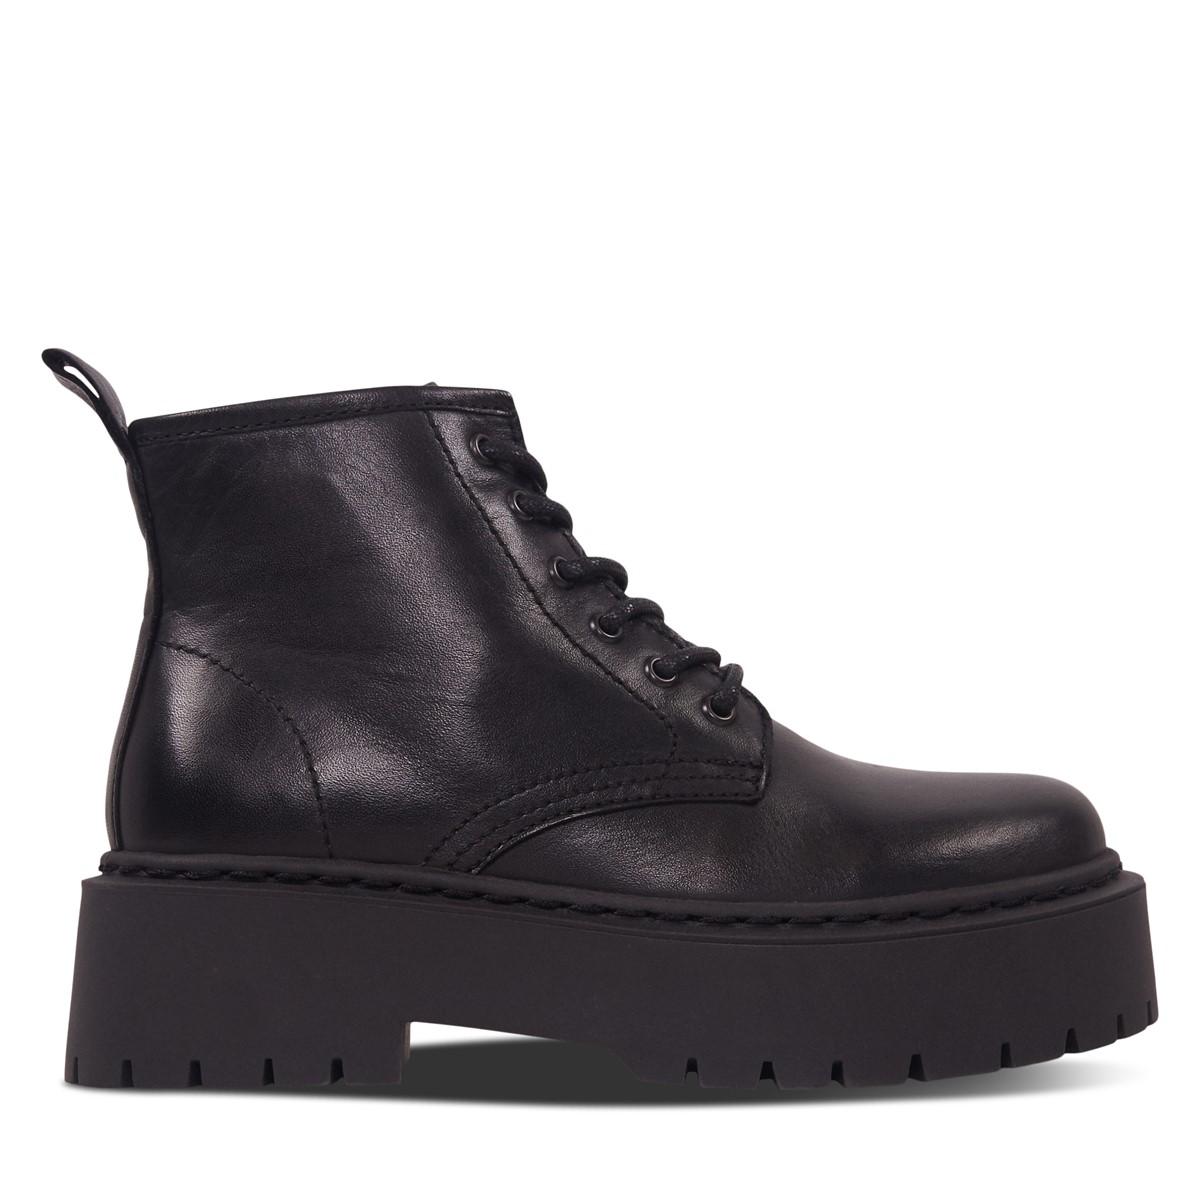 Women's Ines Platform Boots in Black